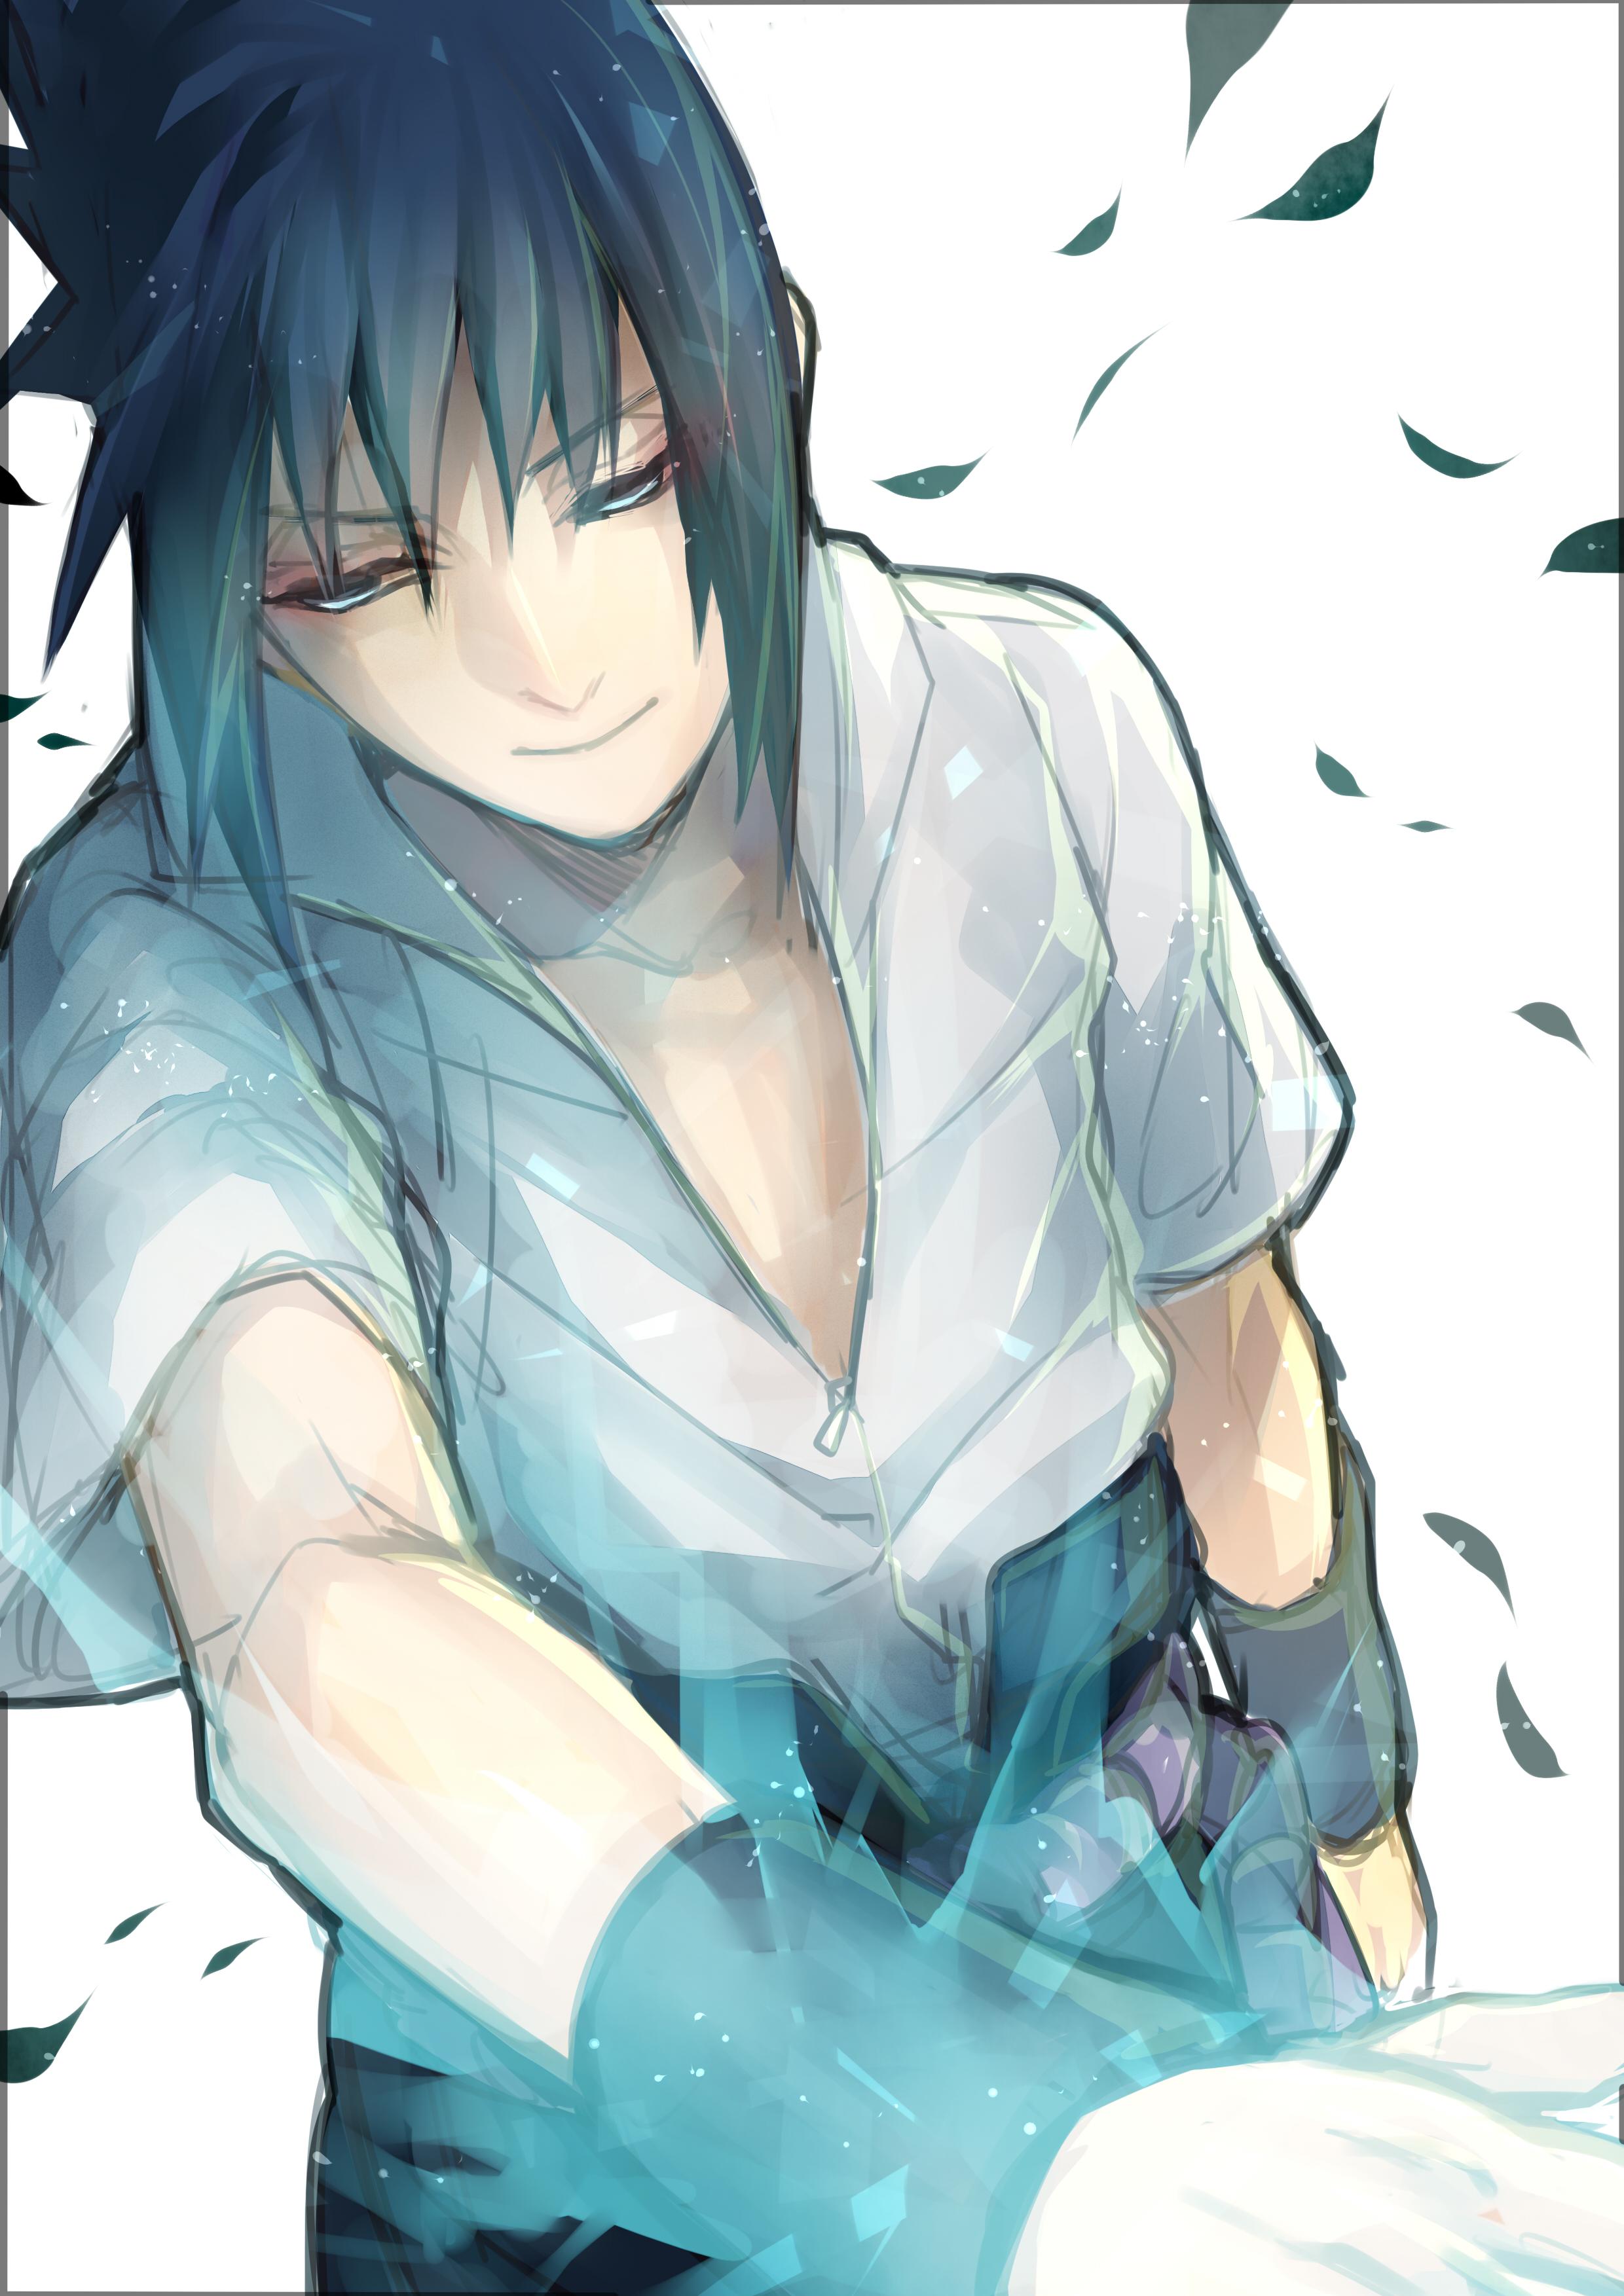 Sasuke cool wallpaper - Sasuke naruto ...